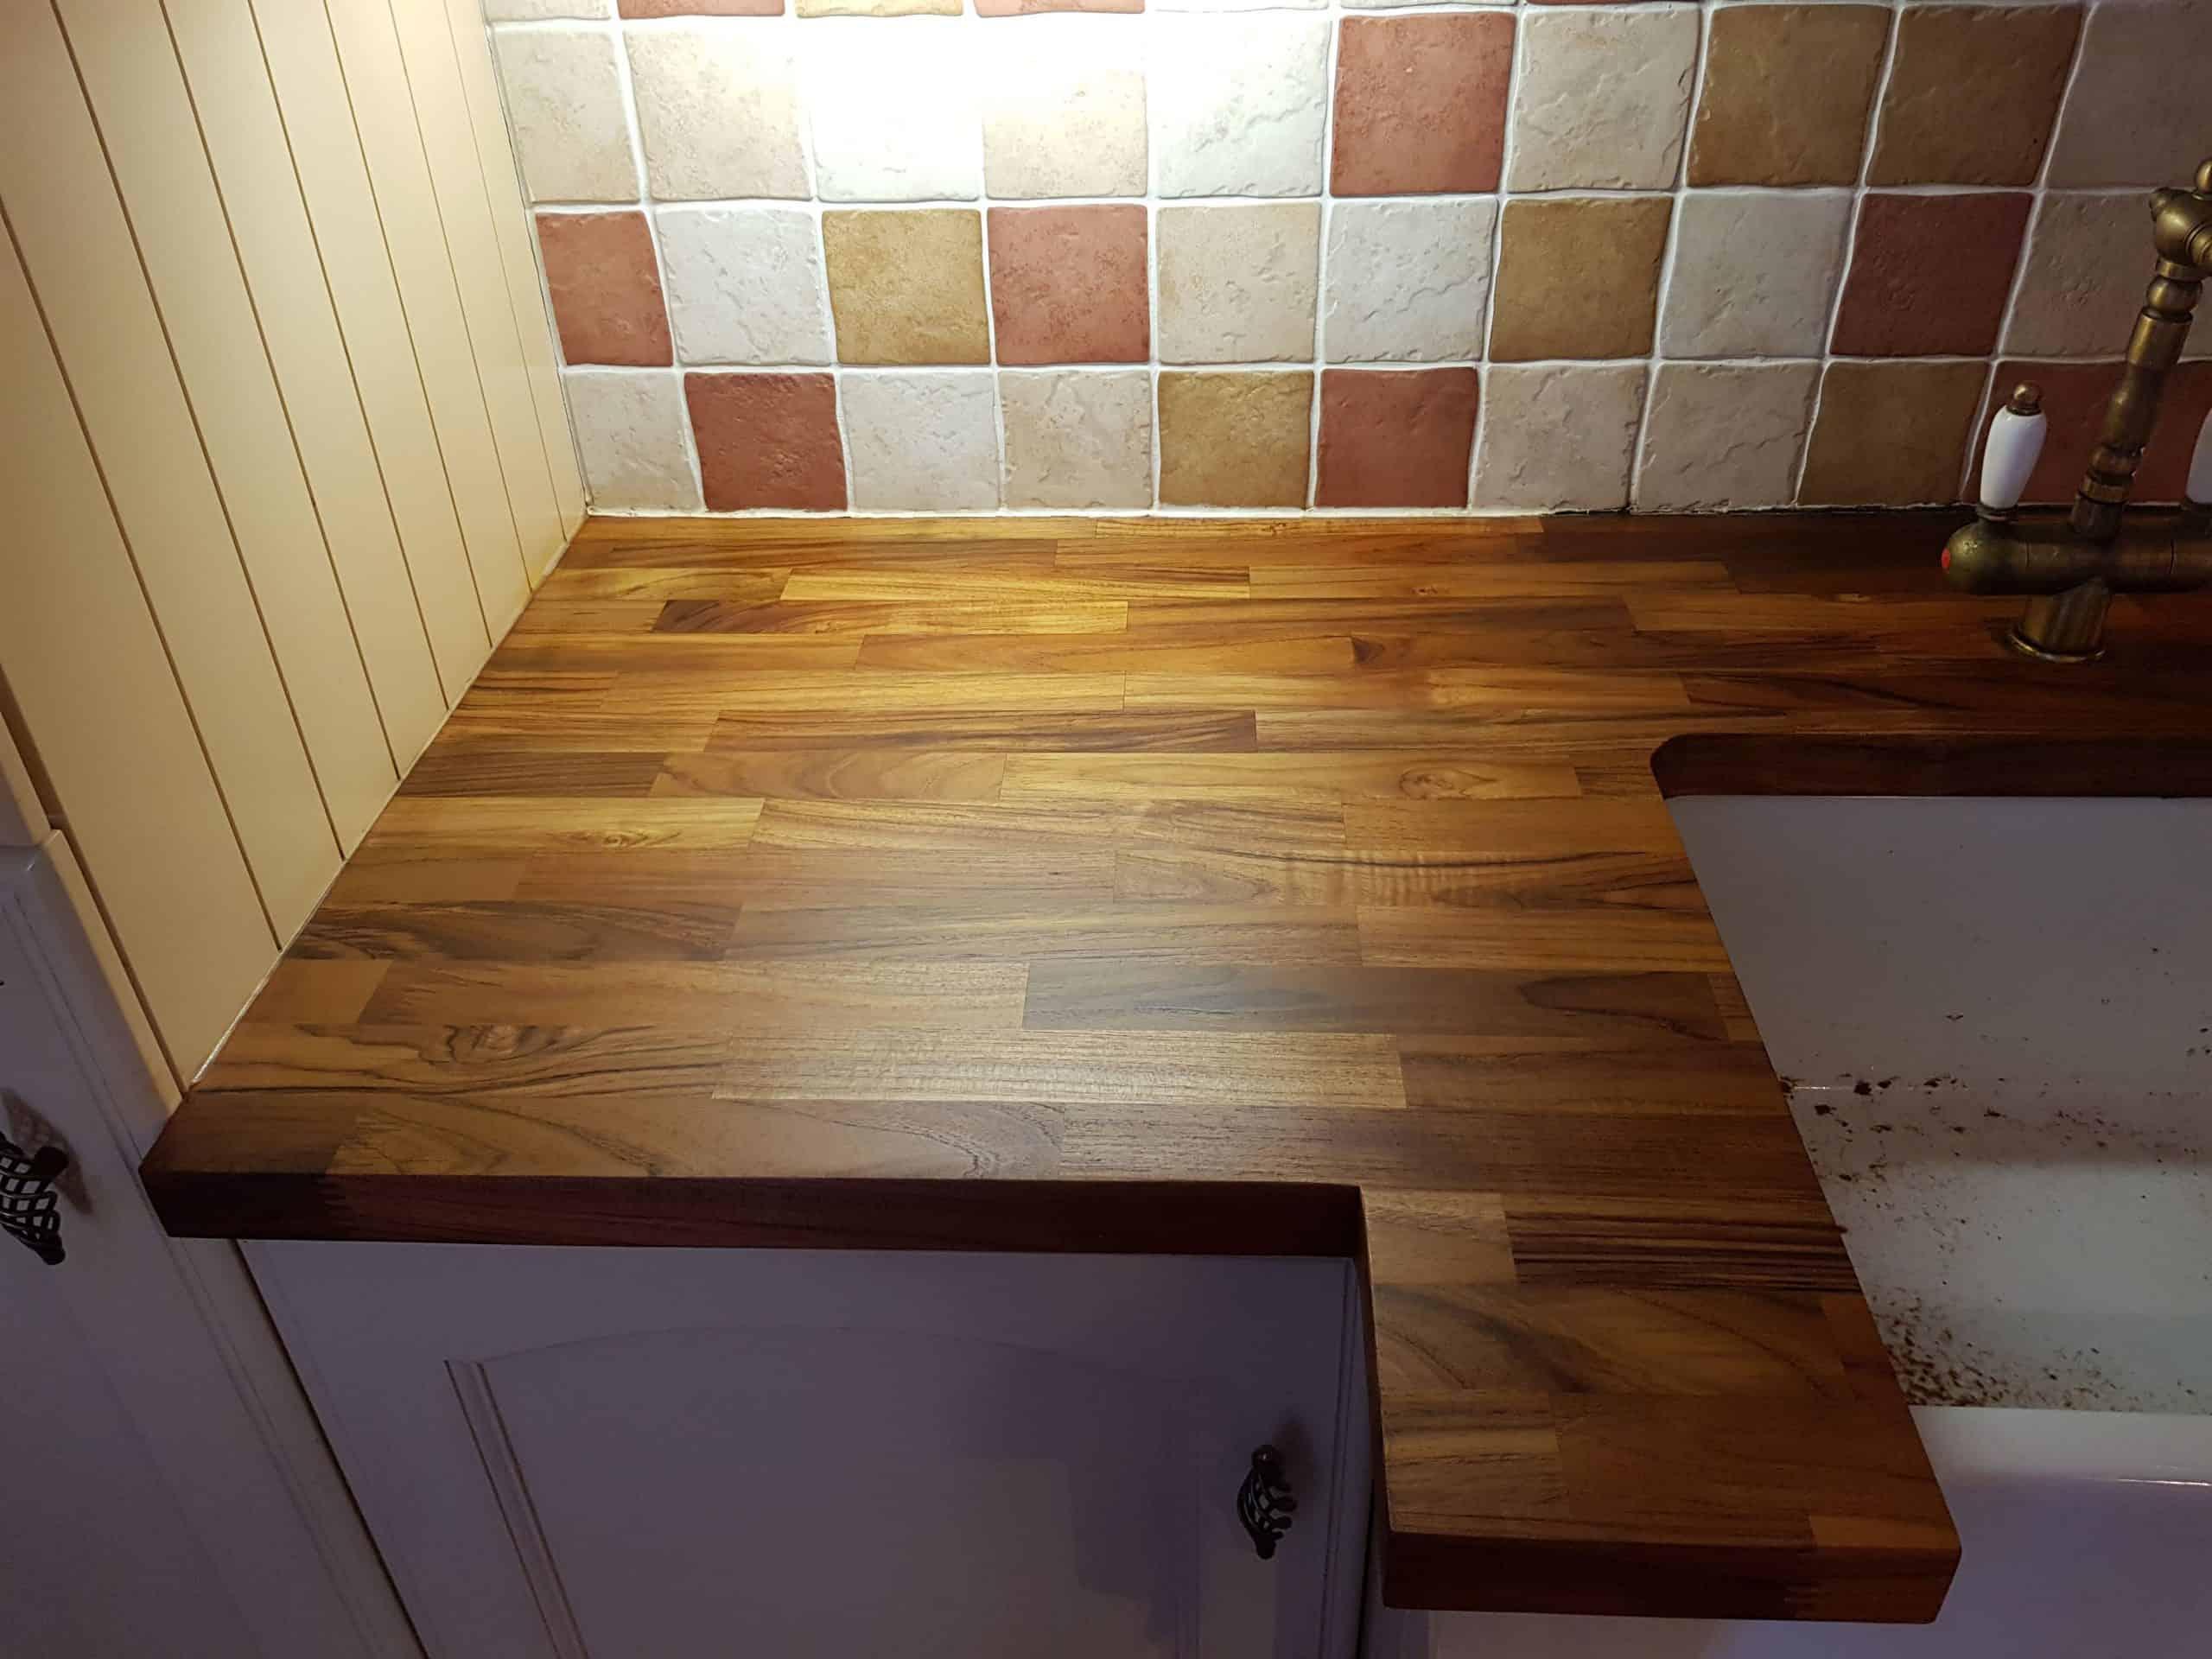 Wooden Worktop Sanded